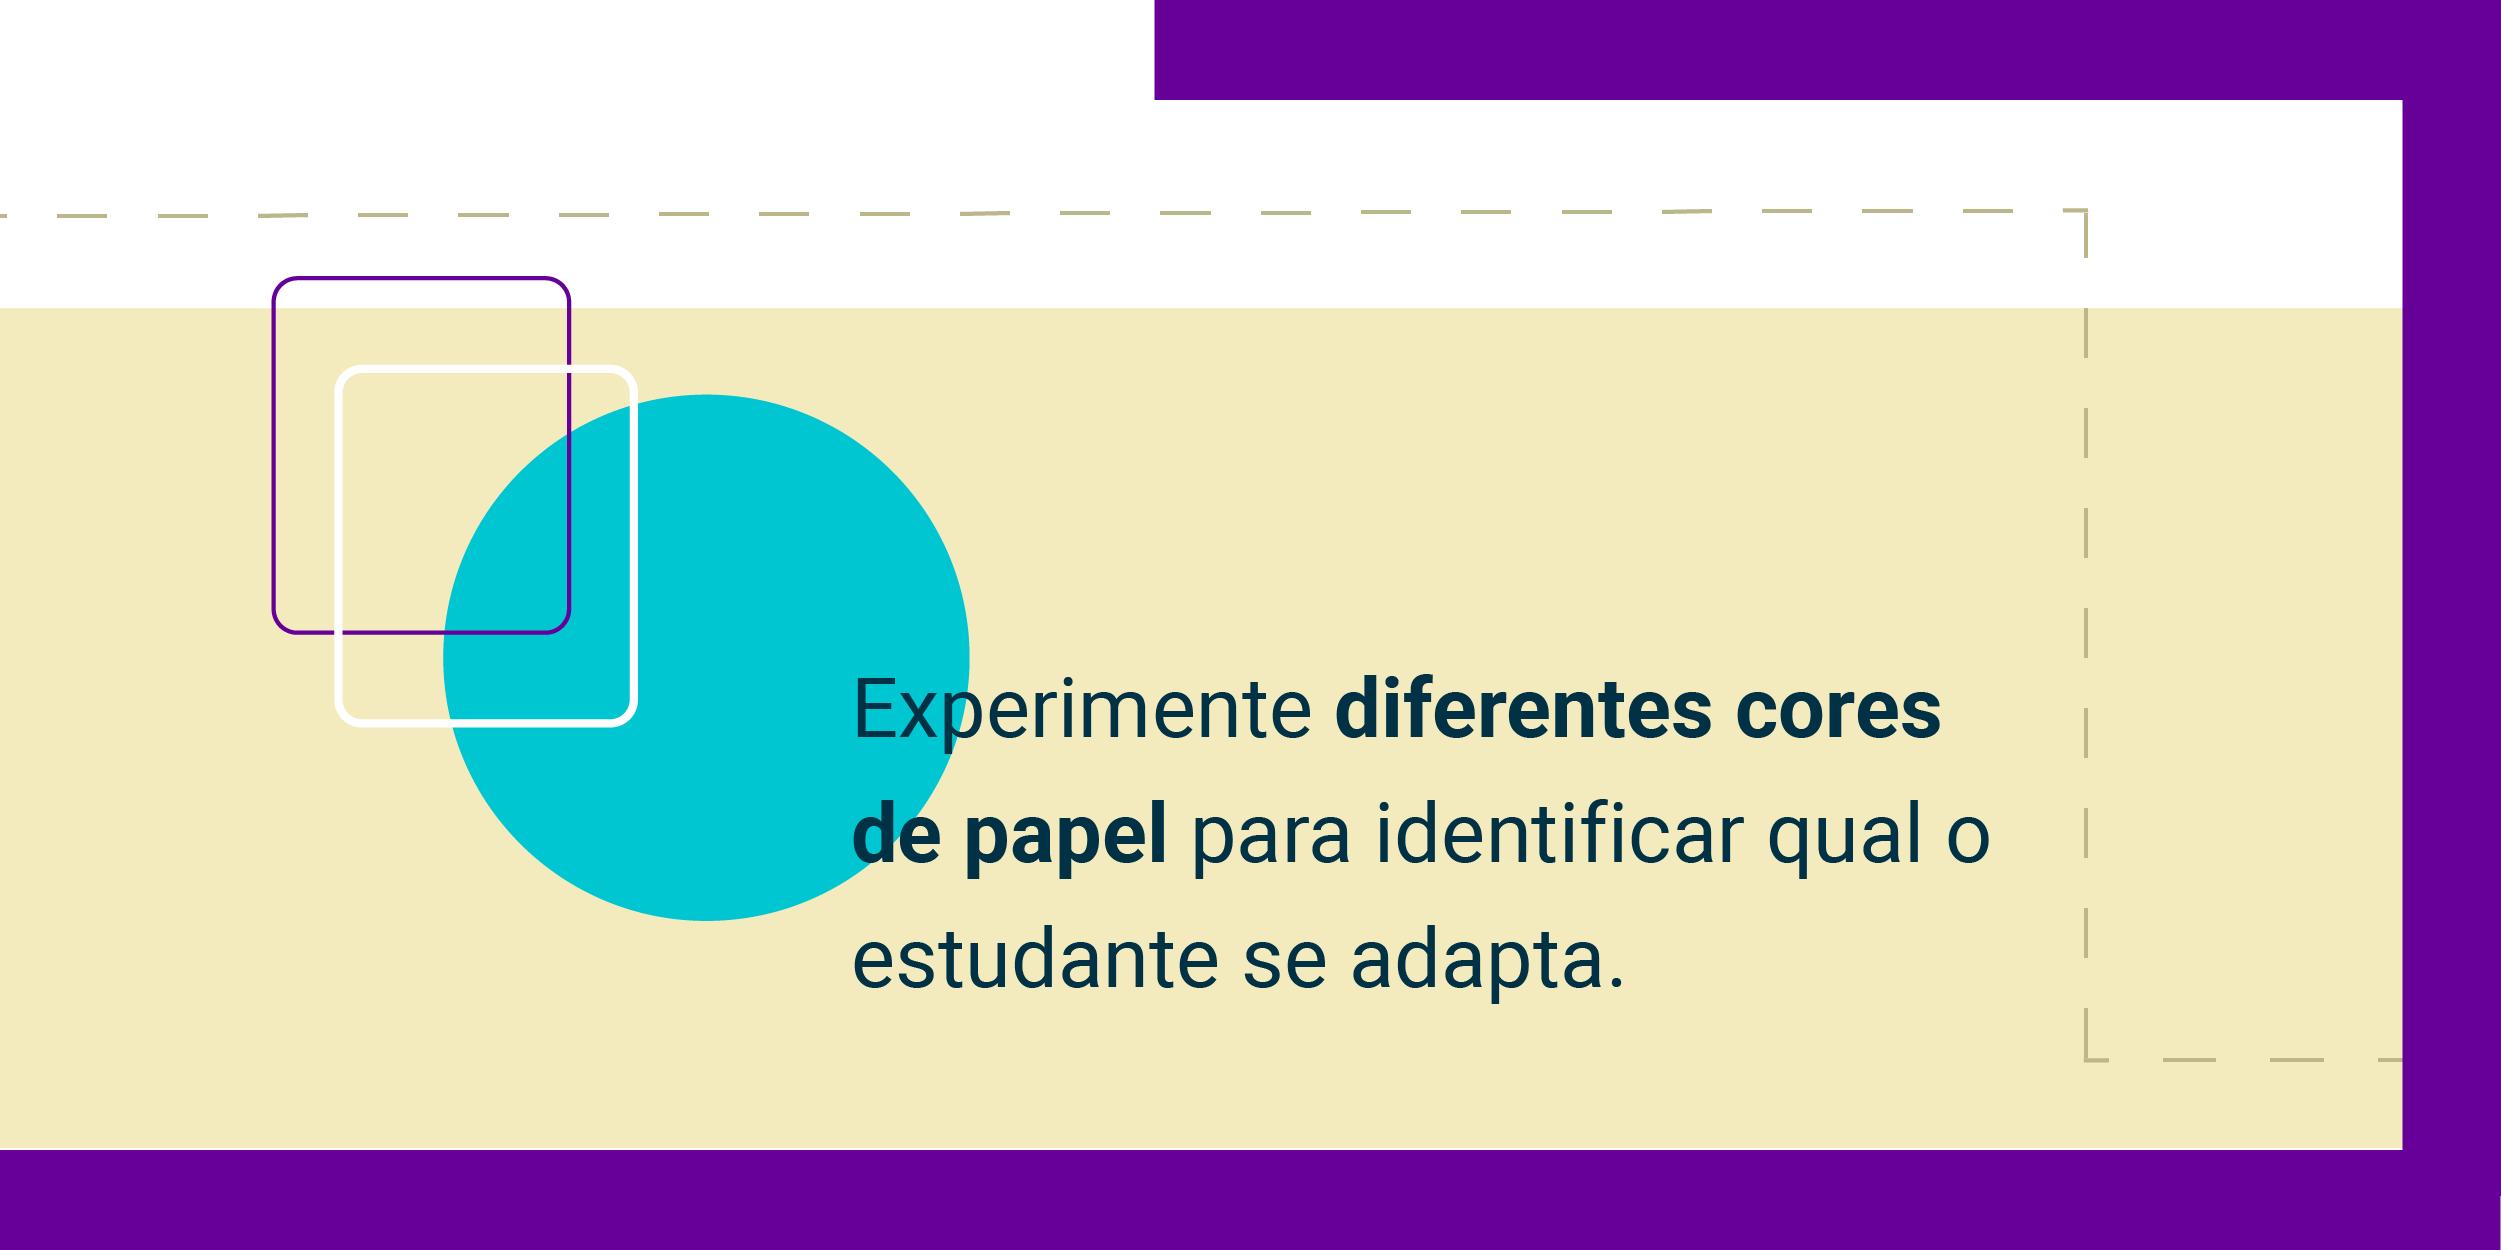 Imagem com a frase Experimente diferentes cores de papel para identificar qual o estudante se adapta.